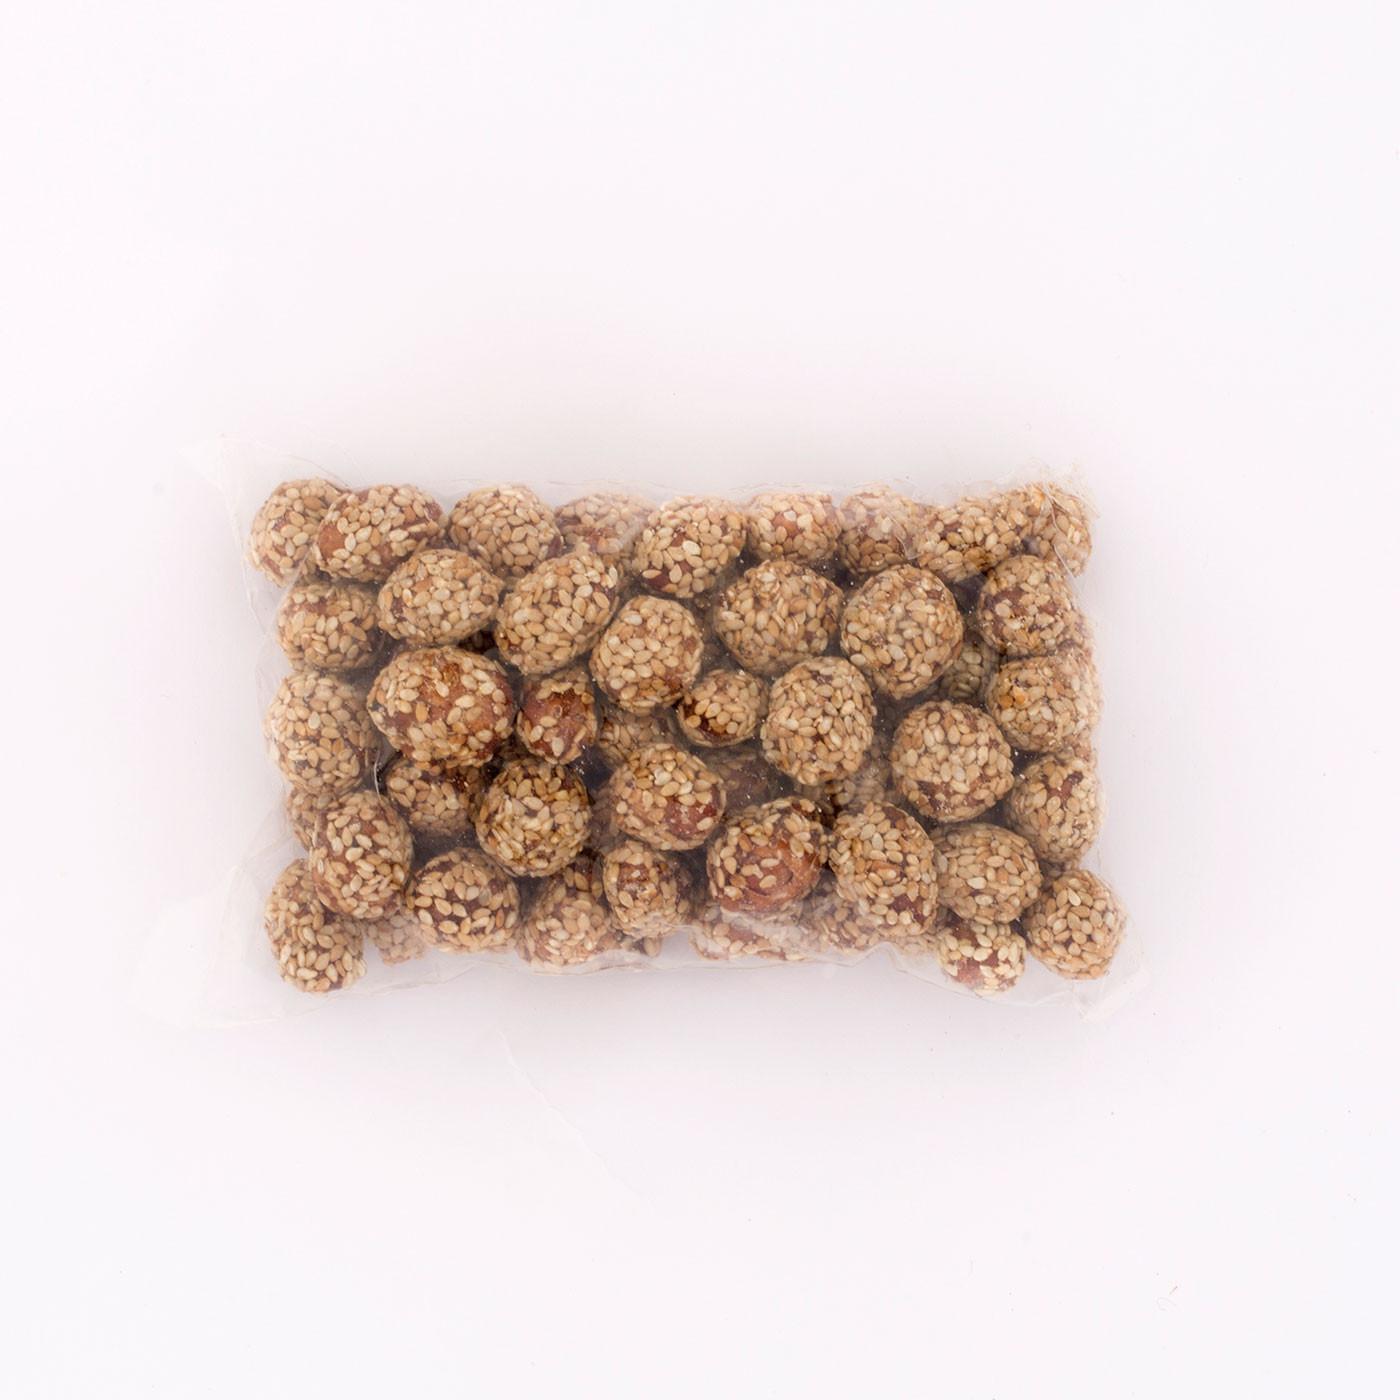 """Καραμελωμένο Φυστίκι με σουσάμι """"Σερεάλια"""" 250 γρ."""